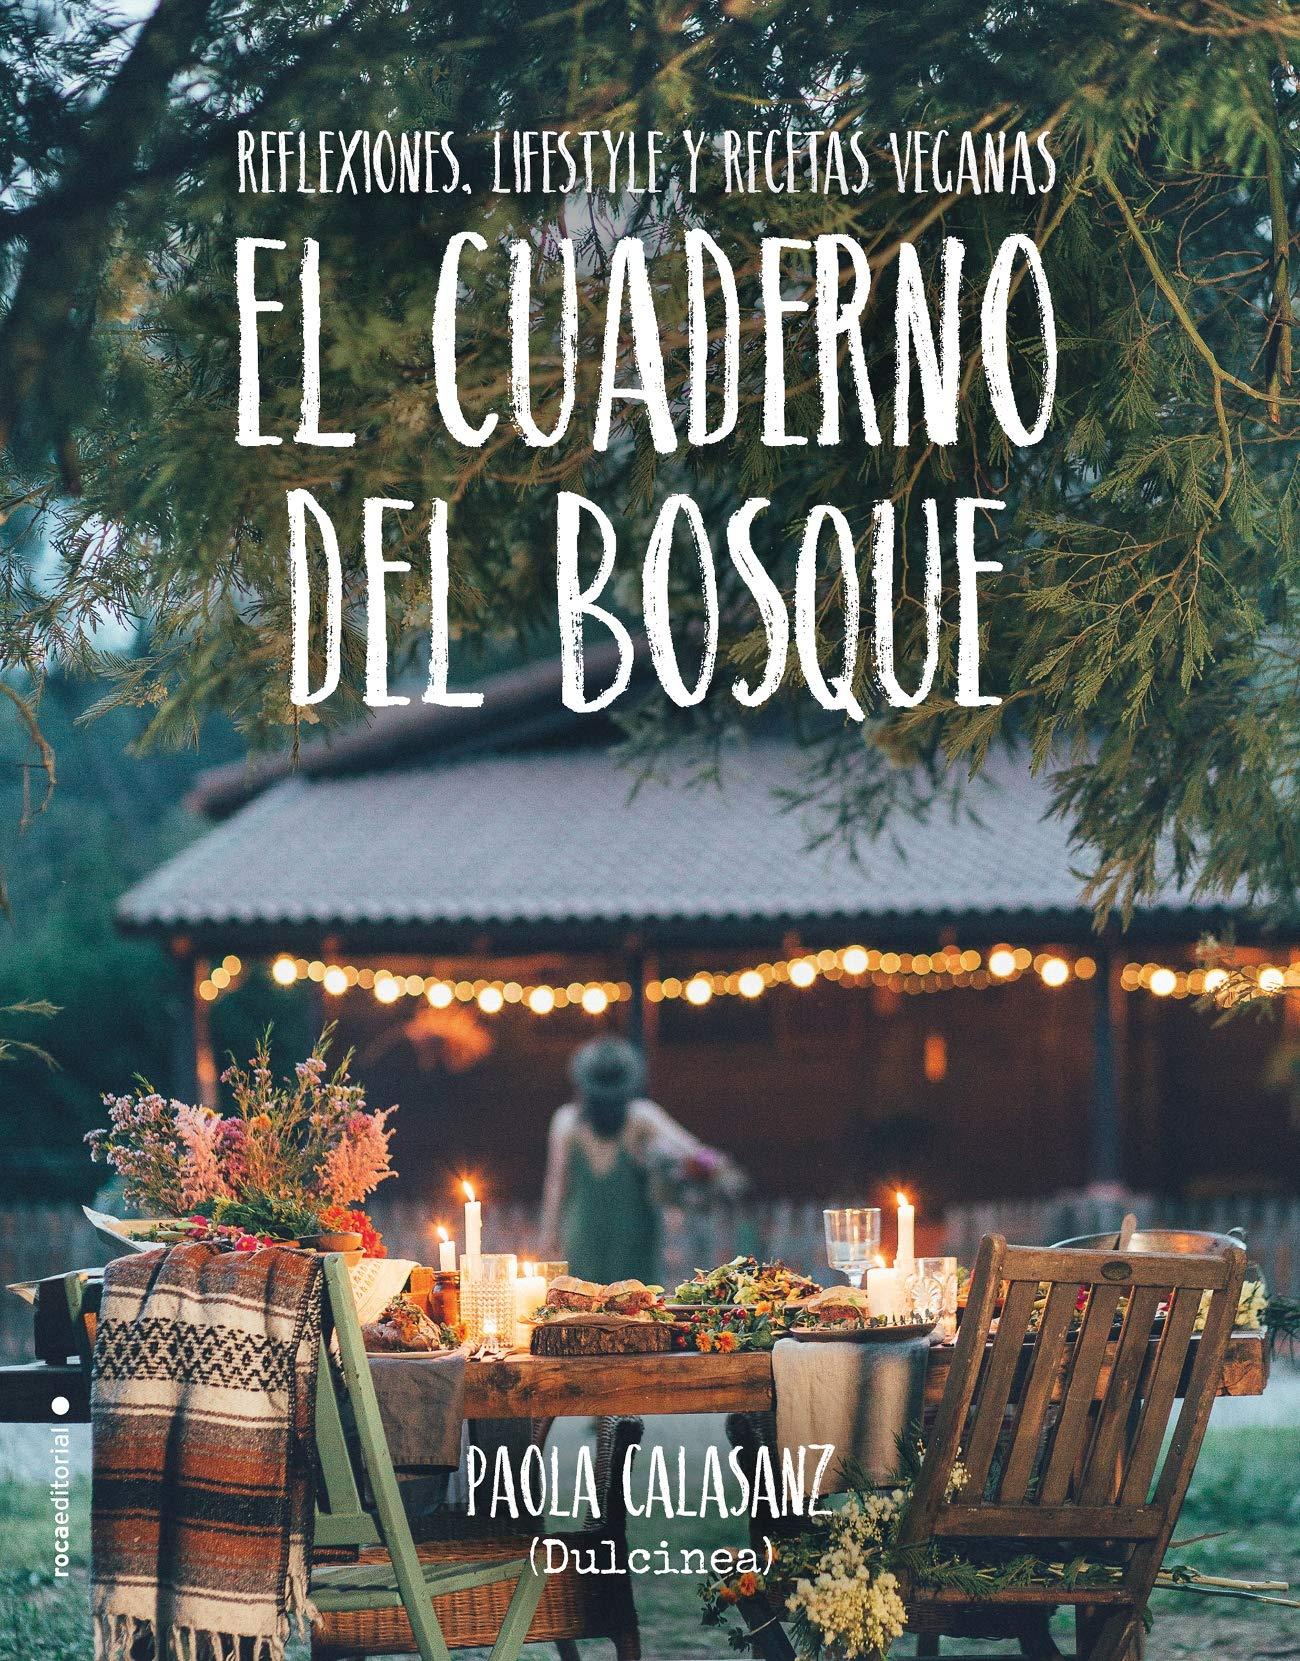 El cuaderno del bosque: Reflexiones, lifestyle y recetas veganas ...